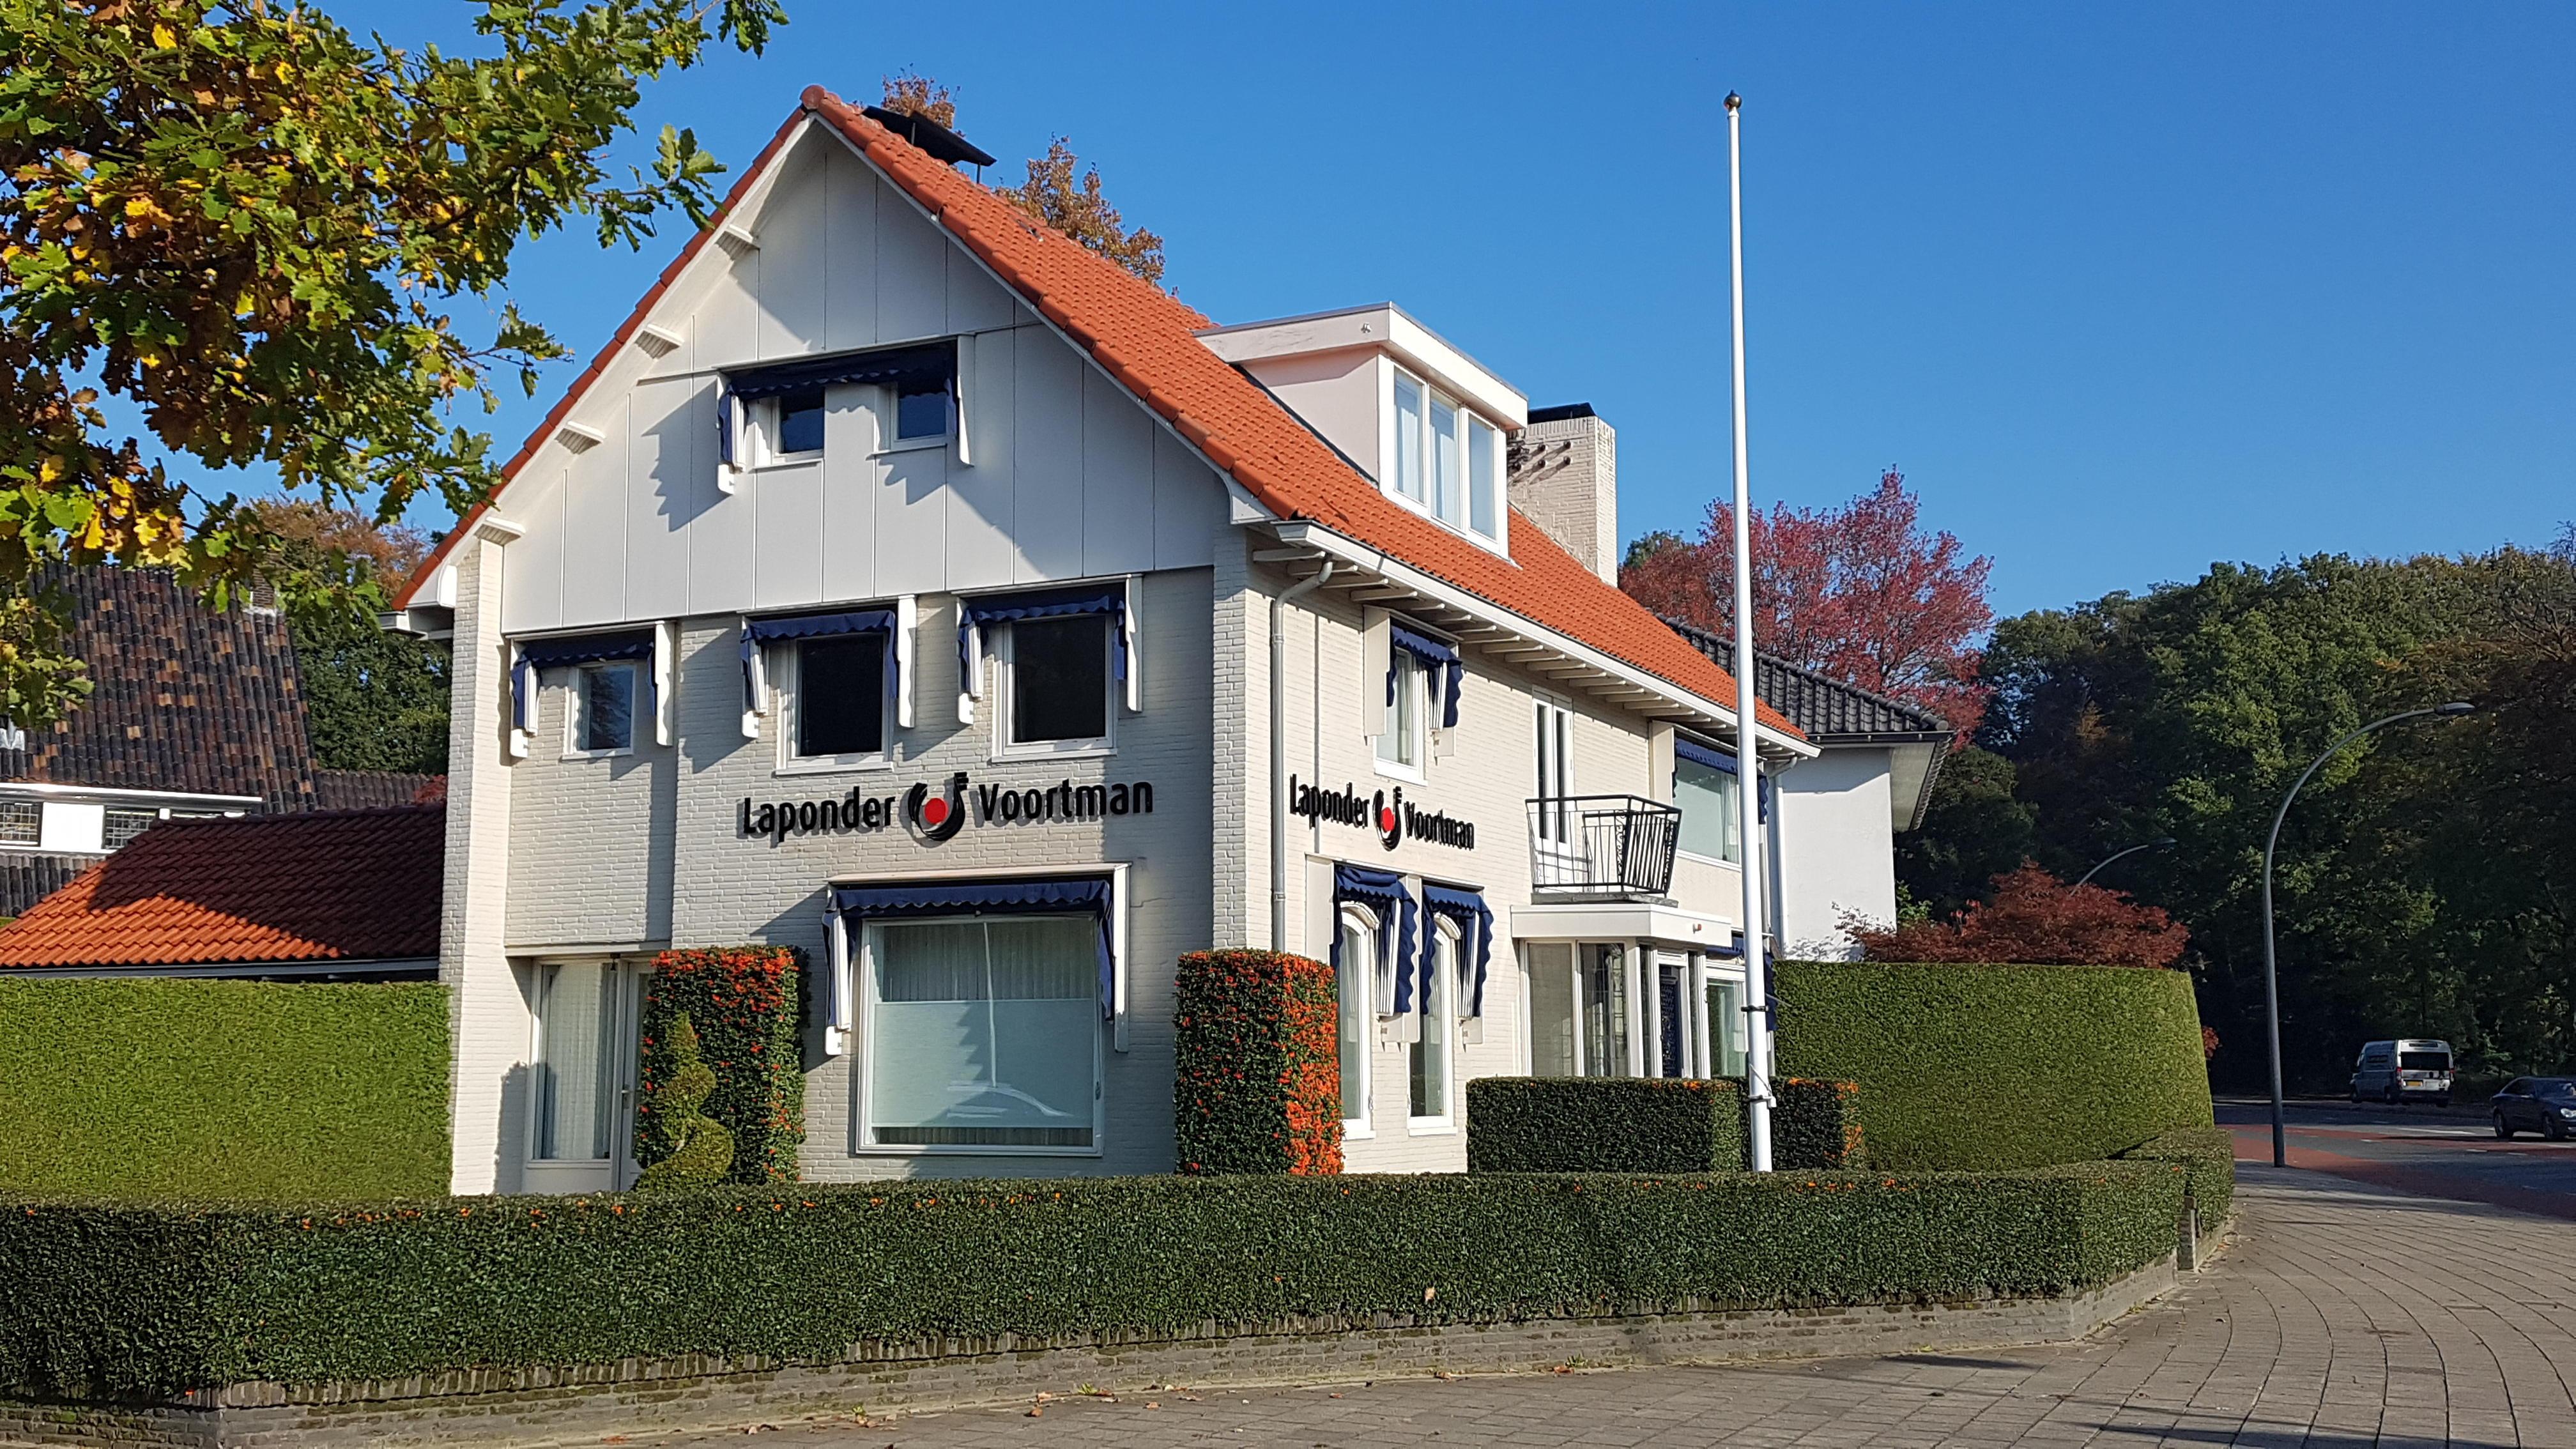 Laponder Voortman